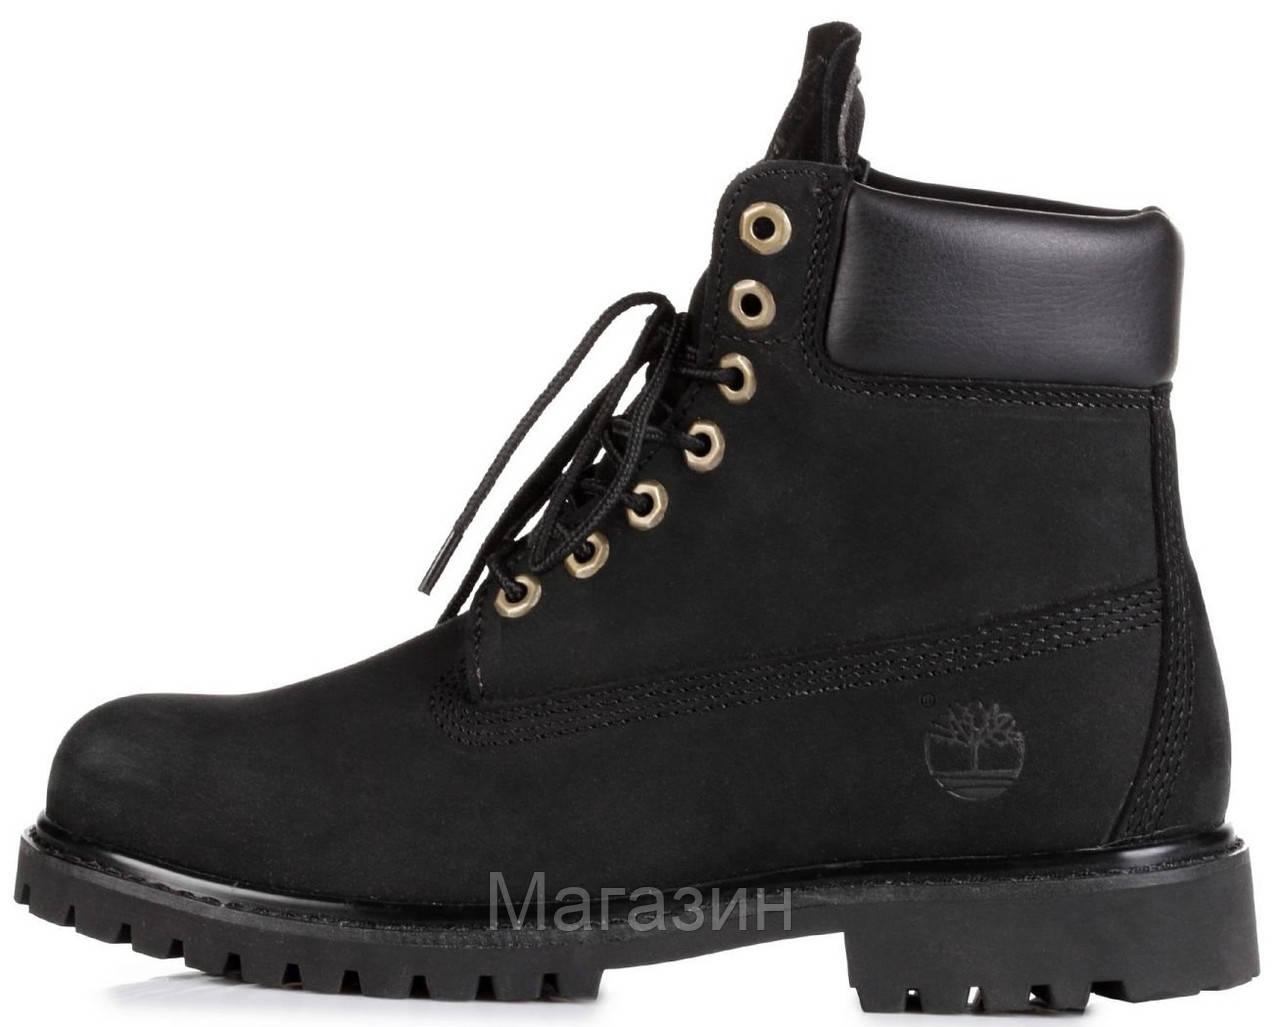 Женские зимние ботинки Timberland 6 Inch Premium Black 2020 Тимберленды БЕЗ МЕХА Тимбы черные